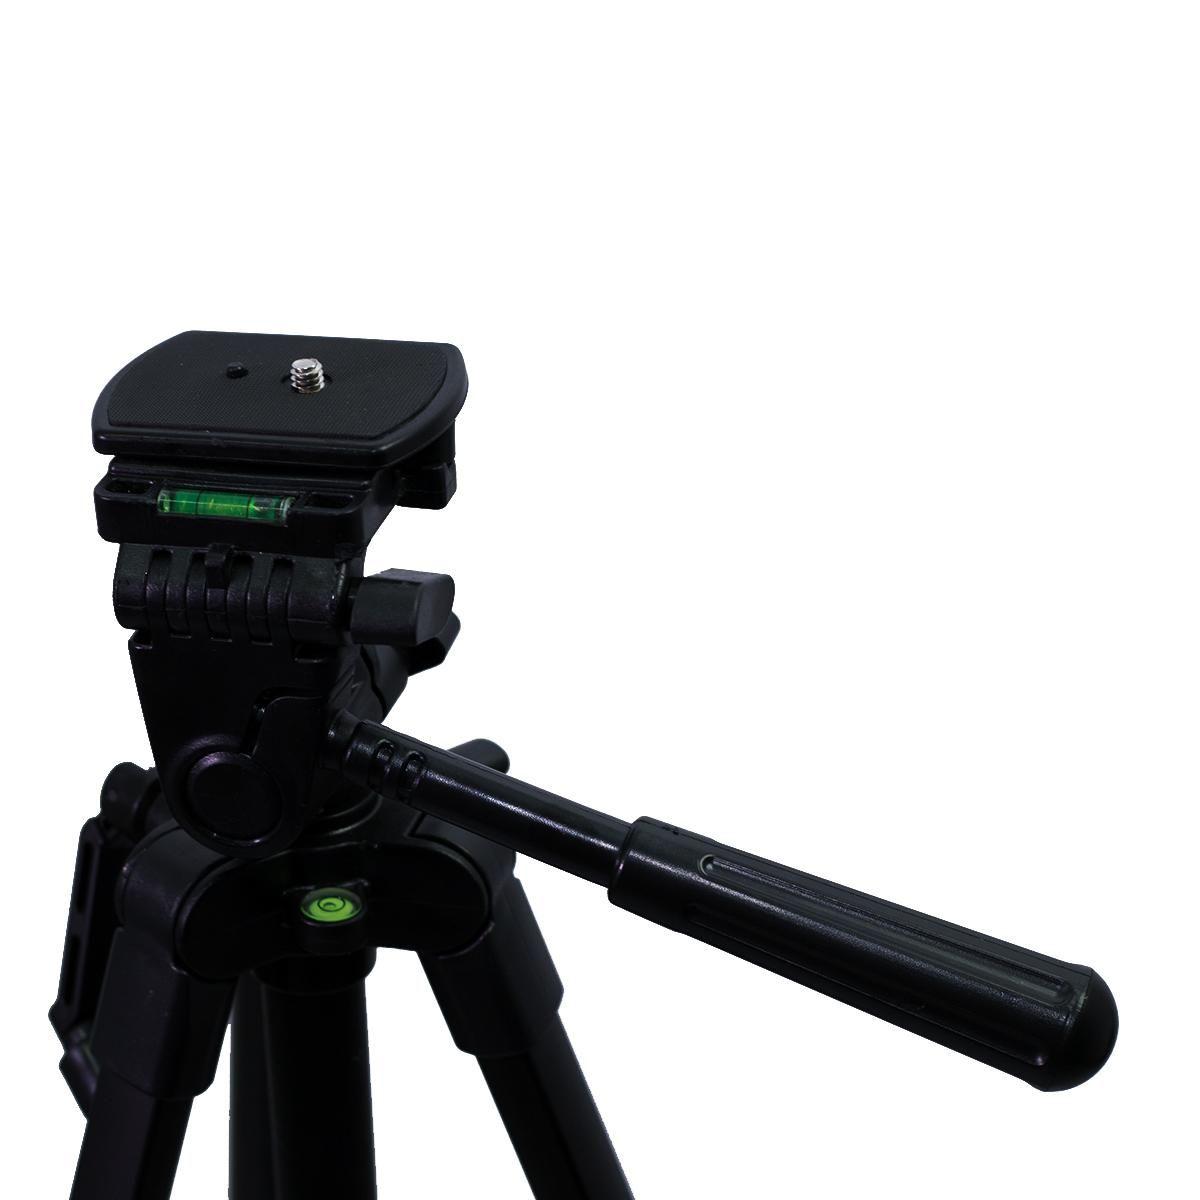 Tripé Nest KT-2012 133cm de Altura Cabeça 3 Vias para Câmeras e Filmadoras